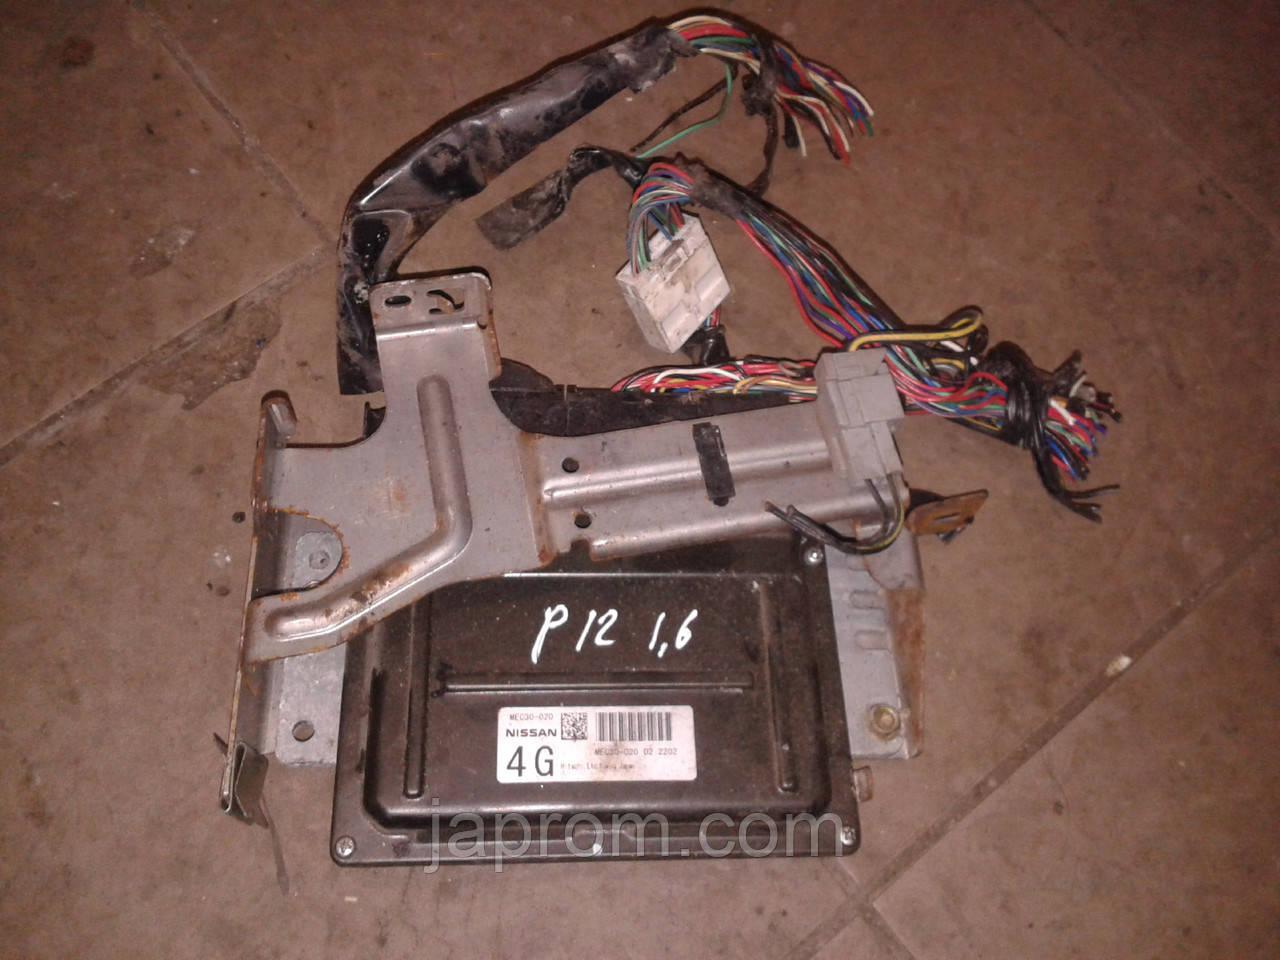 Блок управления двигателем Nissan Primera P12 2002-2008г.в. 1.8  бензин